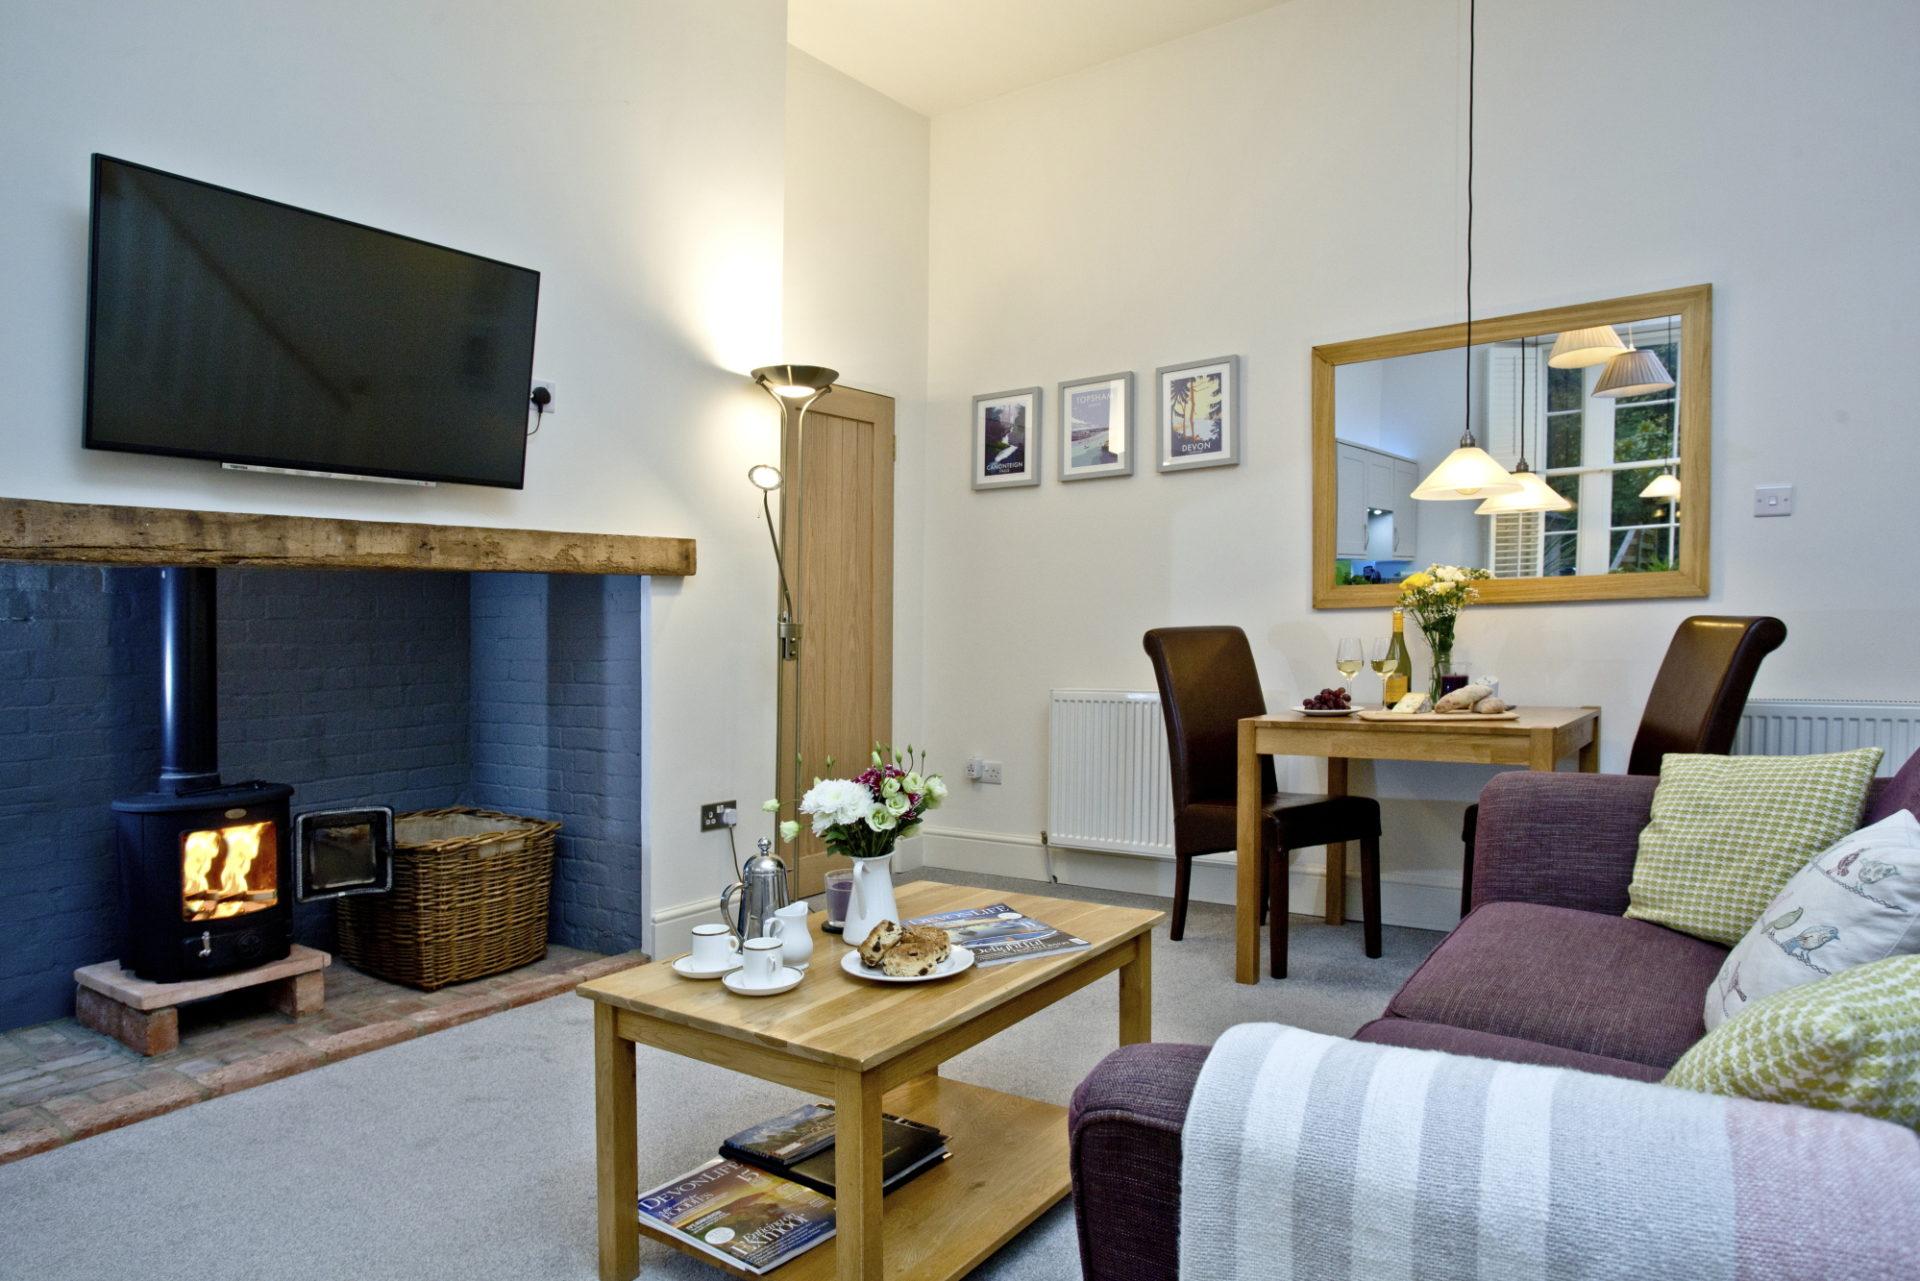 Wisteria cottage- Ground floor